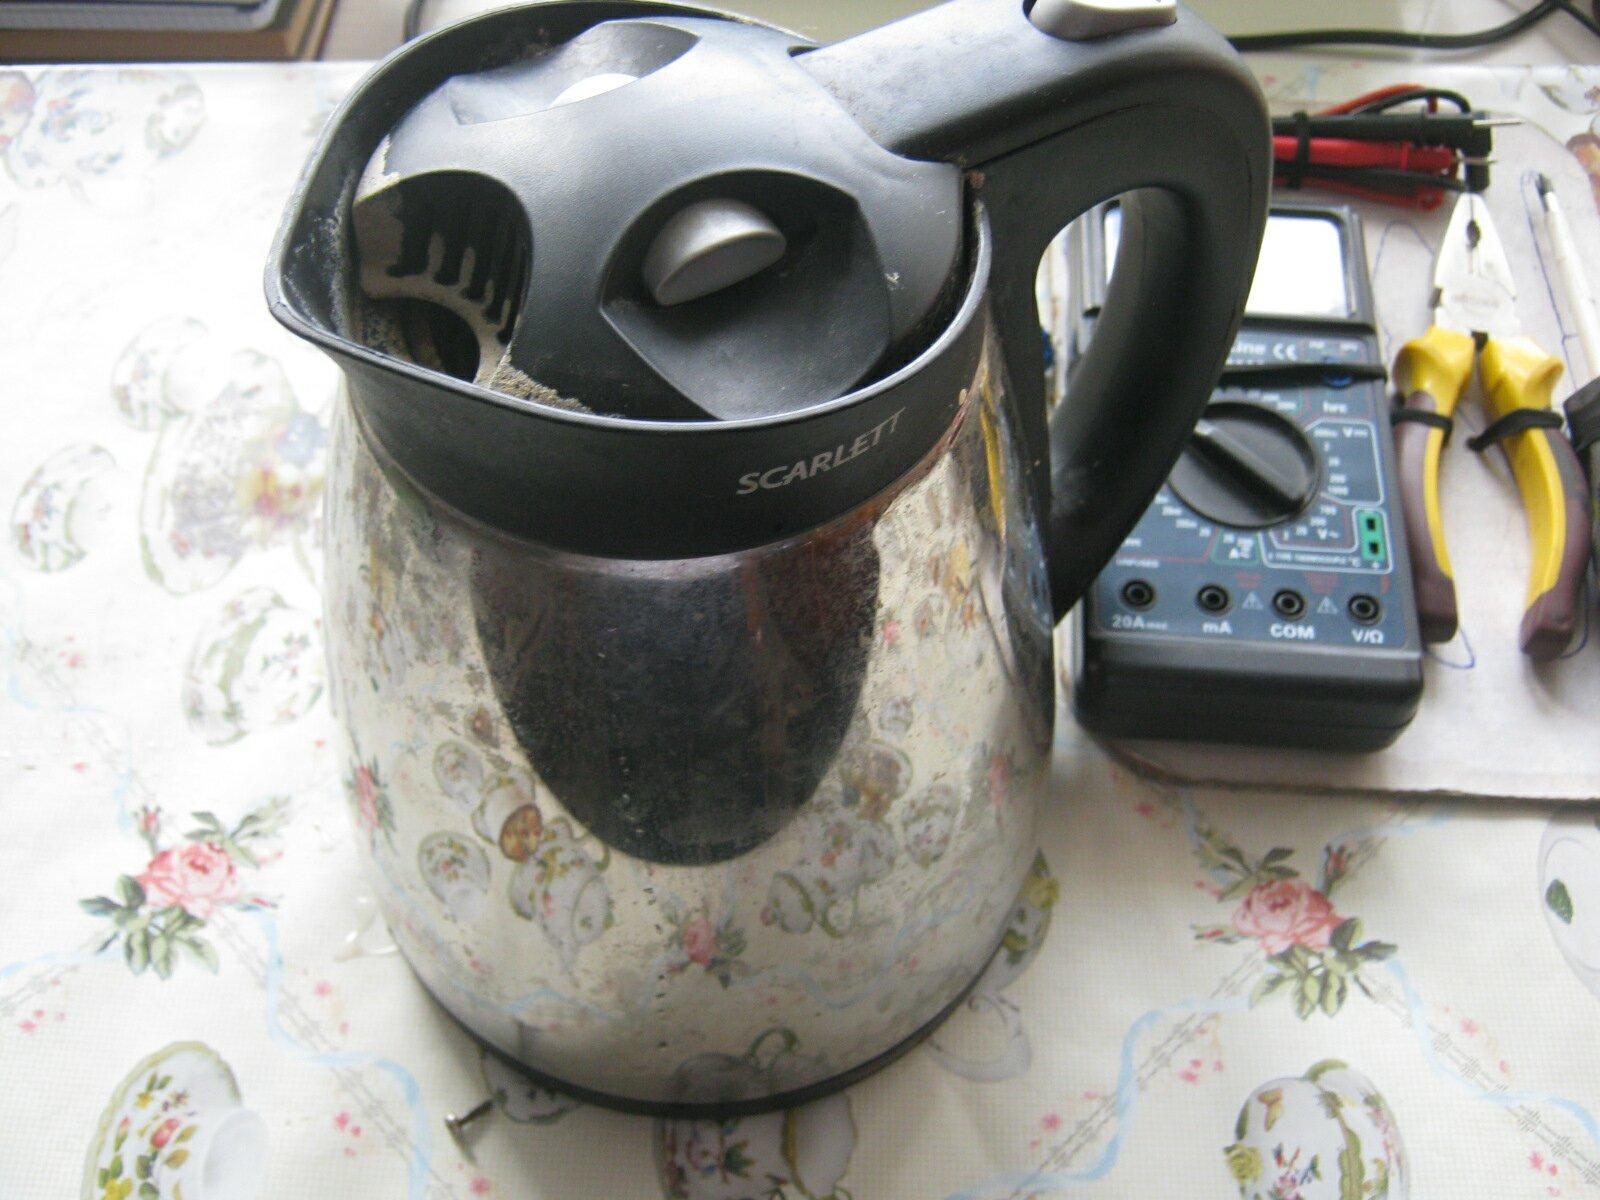 Ремонт чайника скарлет